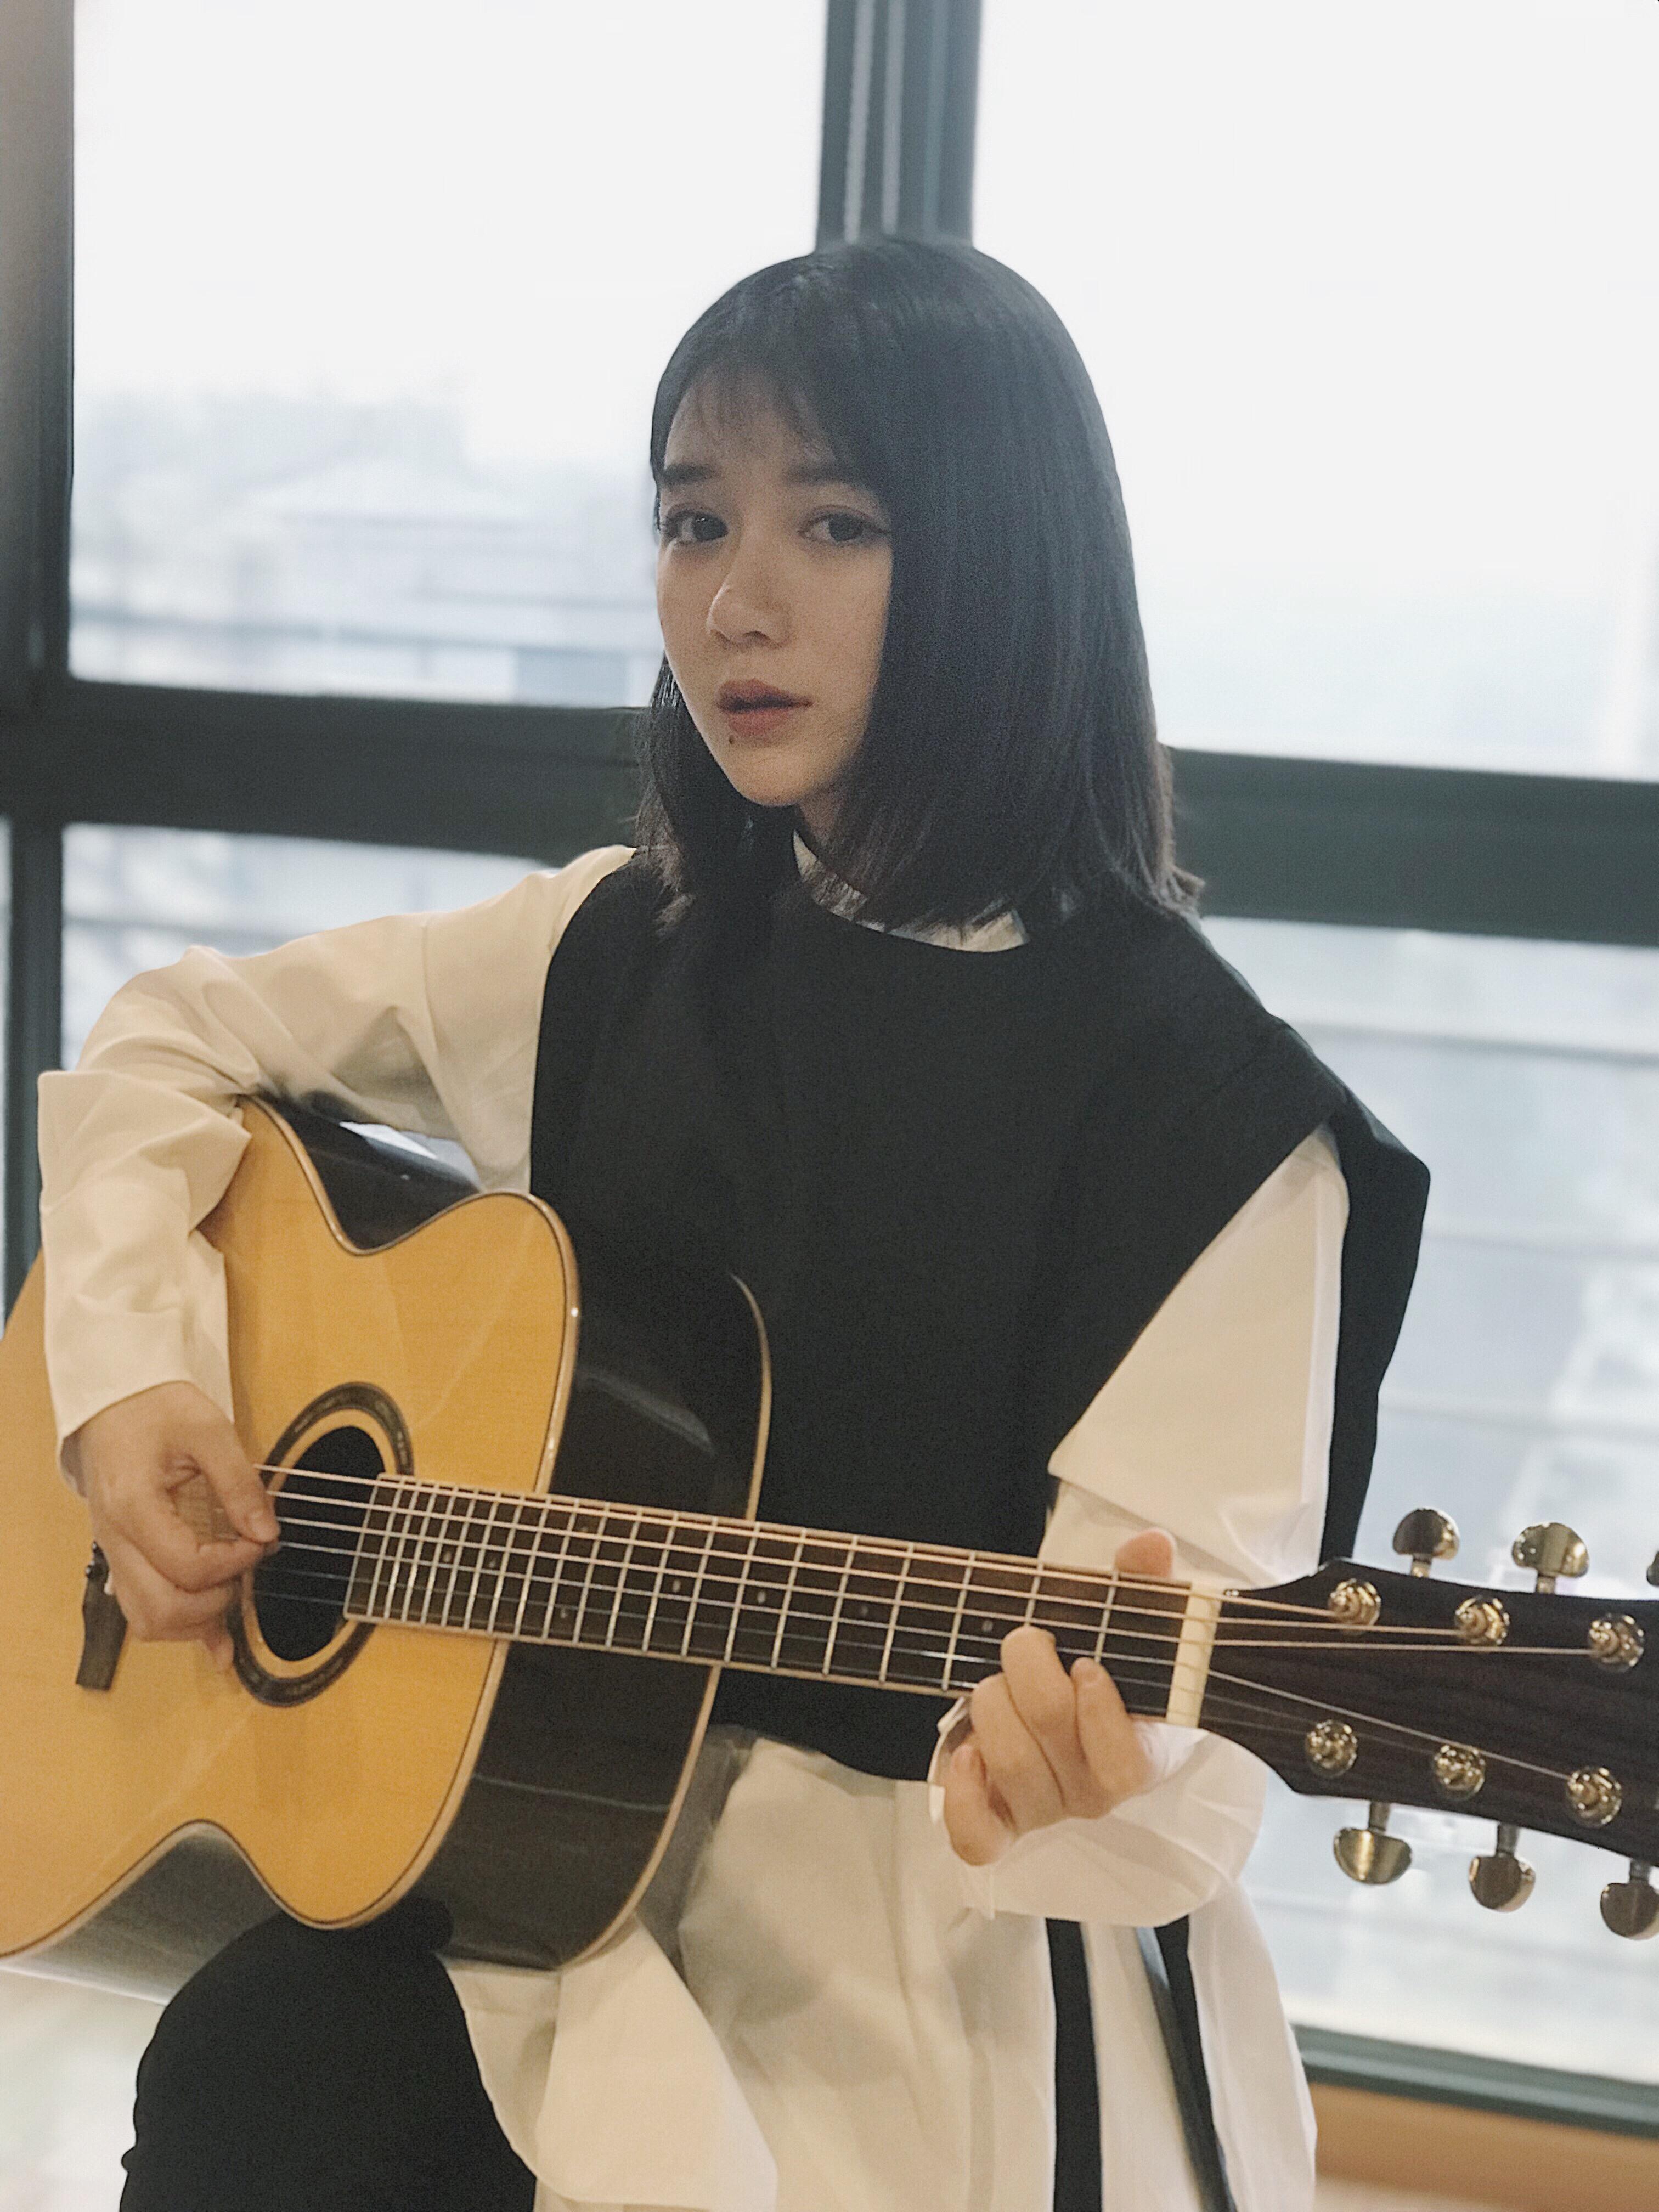 刘安琪个人资料介绍